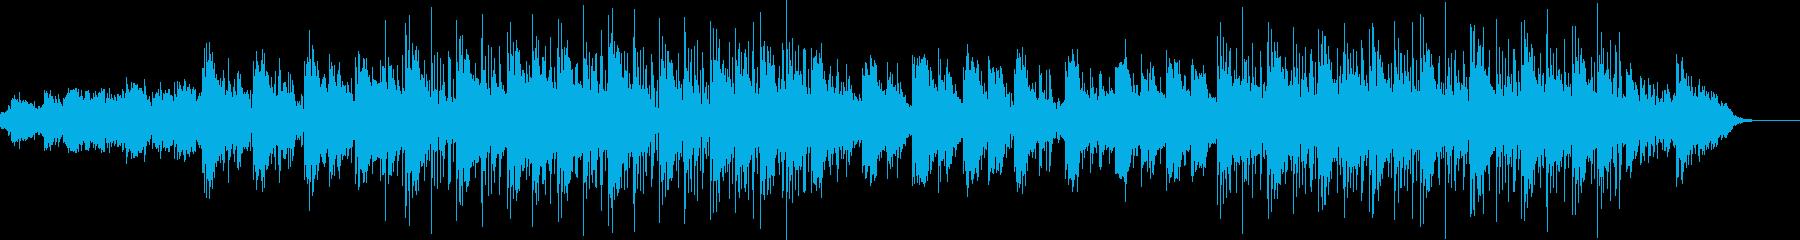 デザイン的な映像に合うエレクトリック曲の再生済みの波形